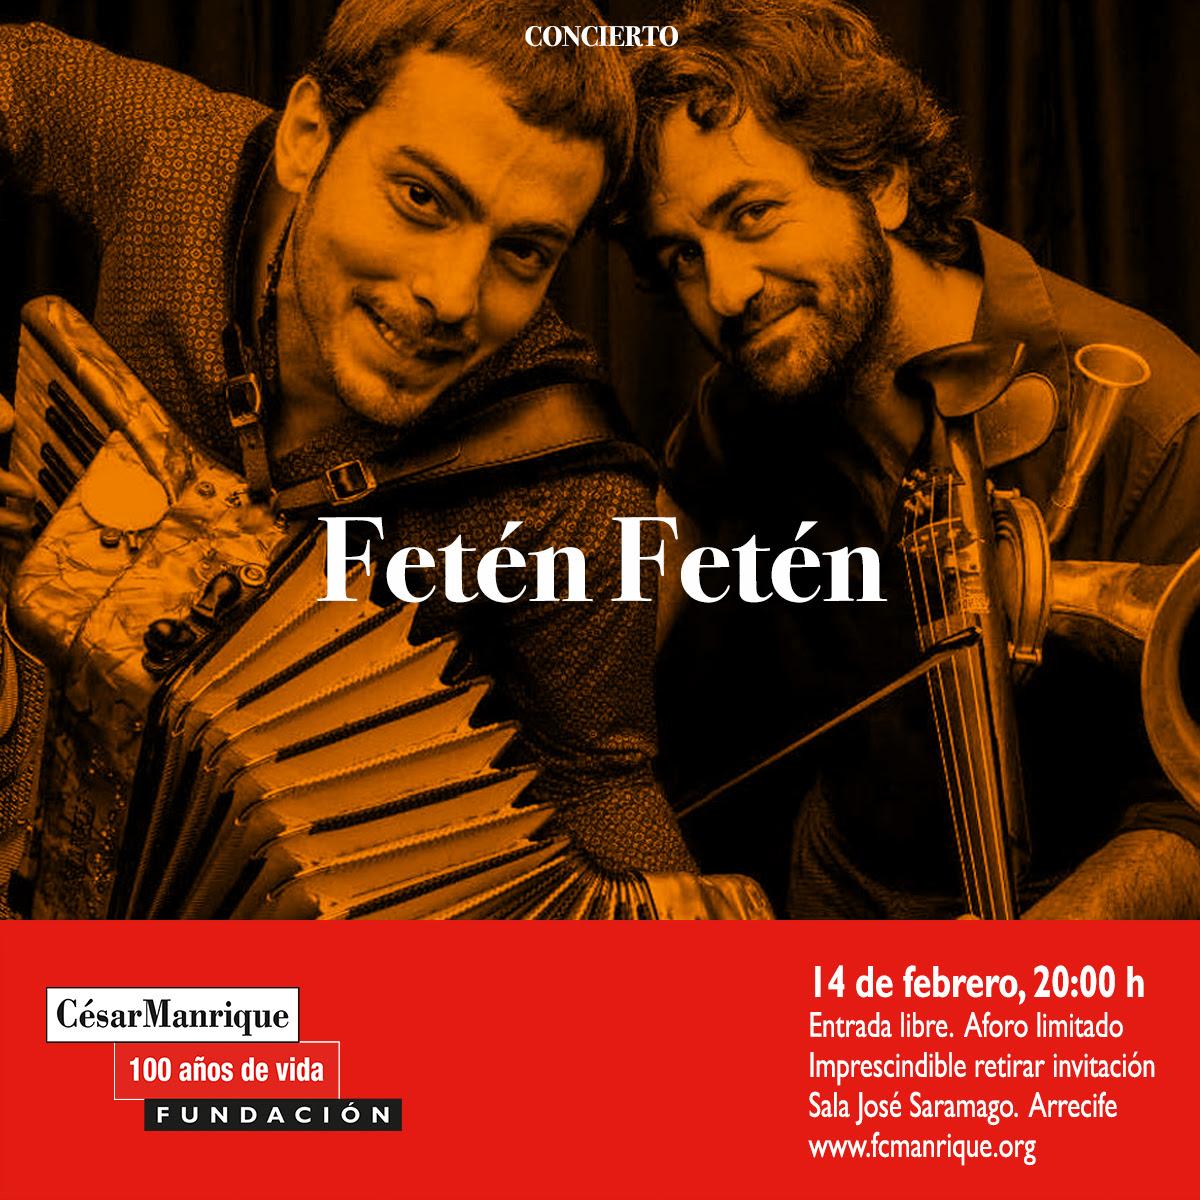 El dúo Fetén Fetén, en concierto en la FCM con motivo del centenario del nacimiento de su fundador